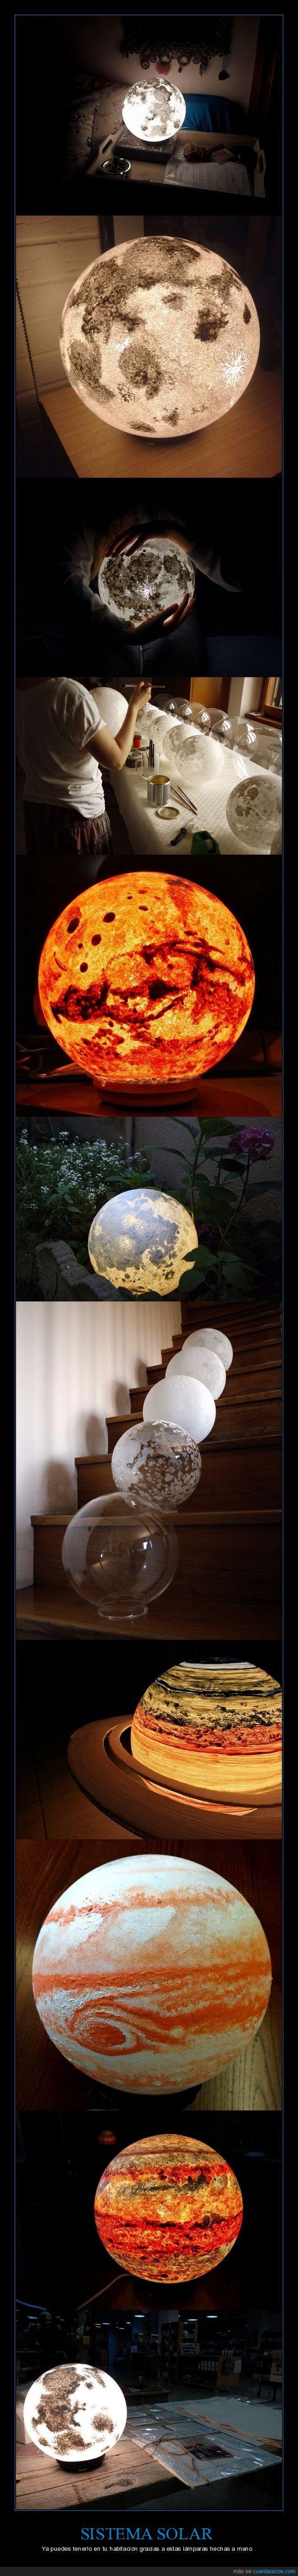 ¡Lo quiero! ¡Ahora! - Ya puedes tenerlo en tu habitación gracias a estas lámparas hechas a mano